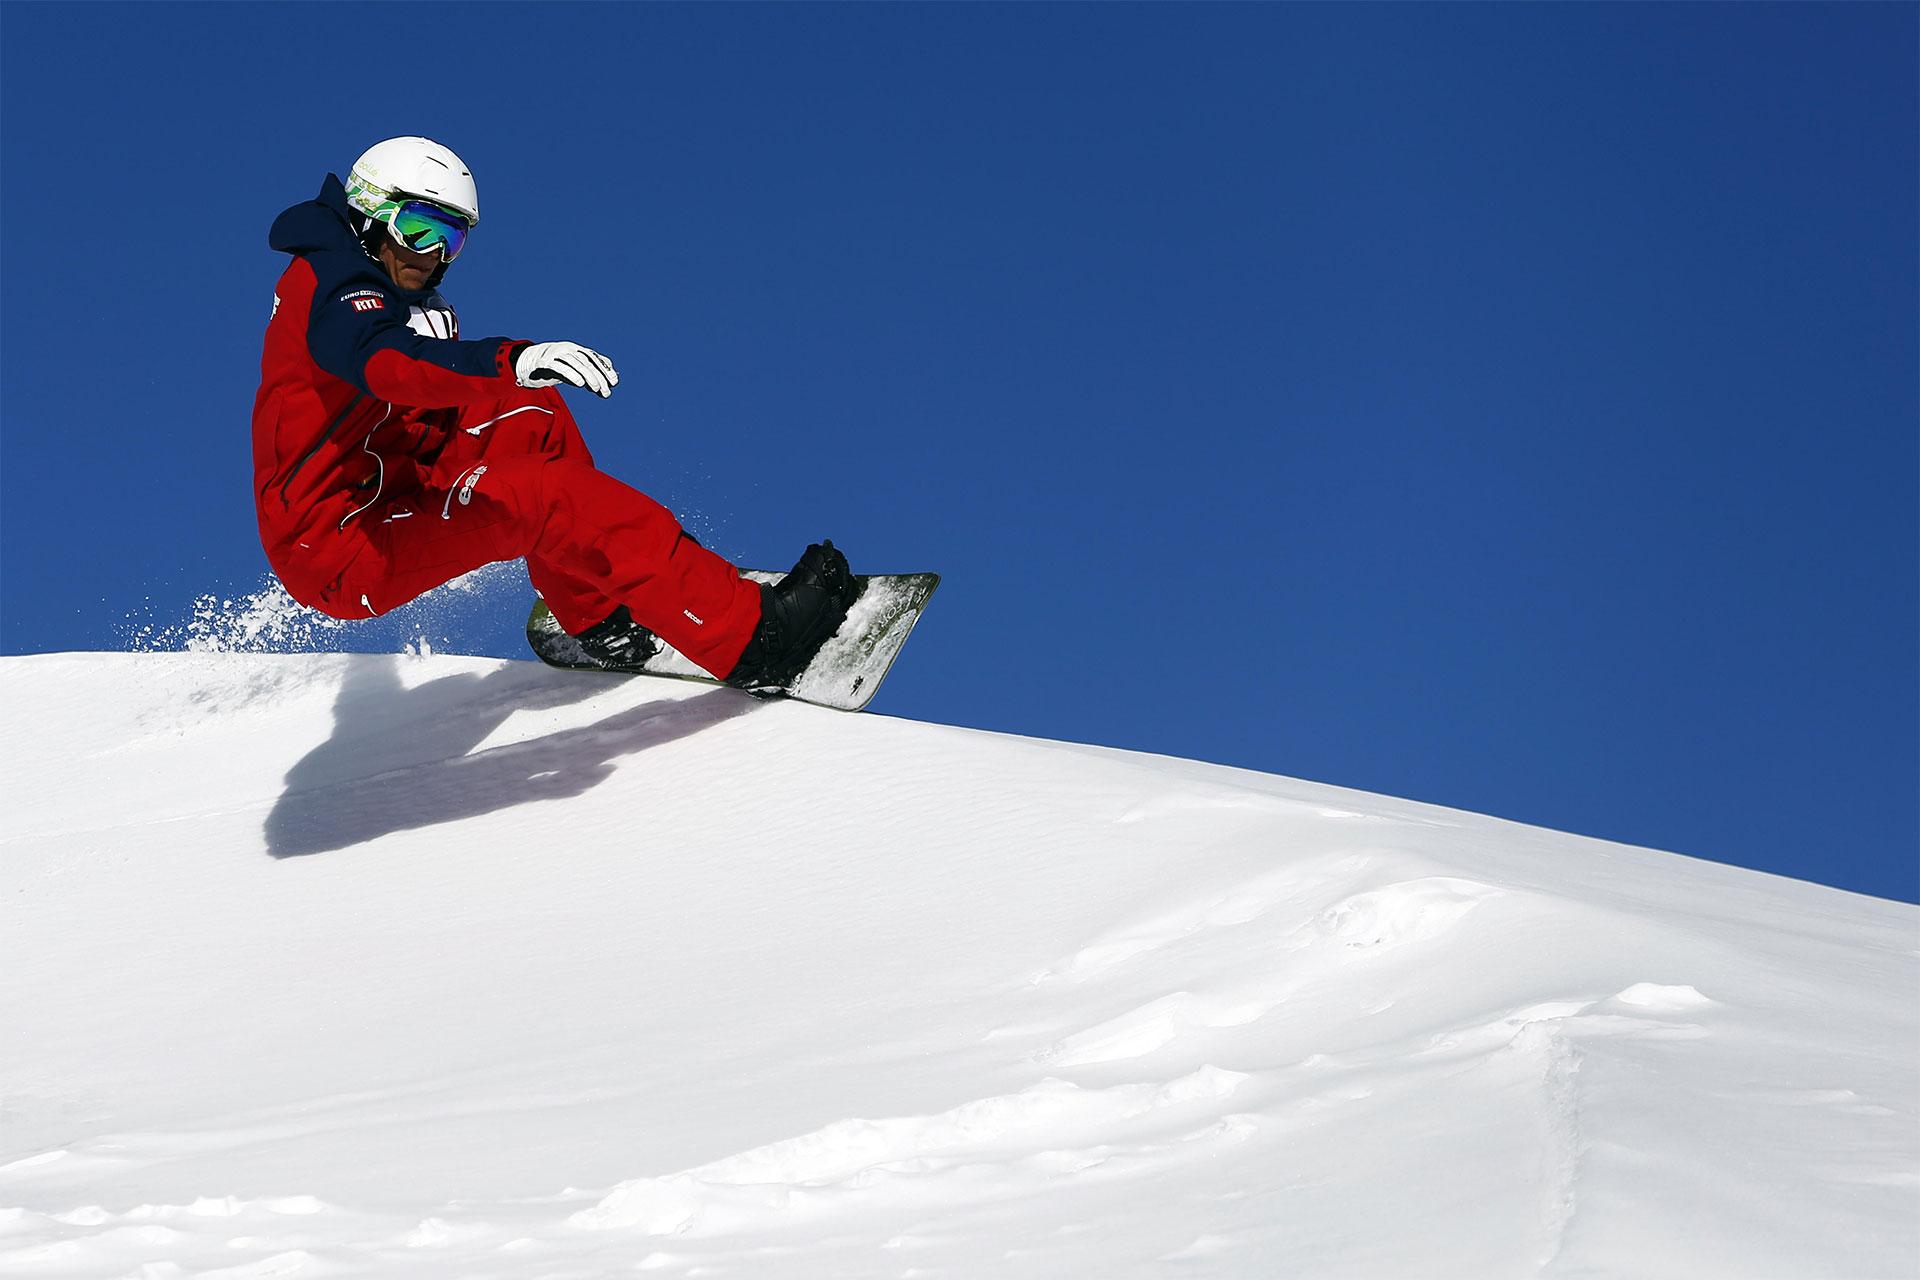 snowboard en solitaire hors piste